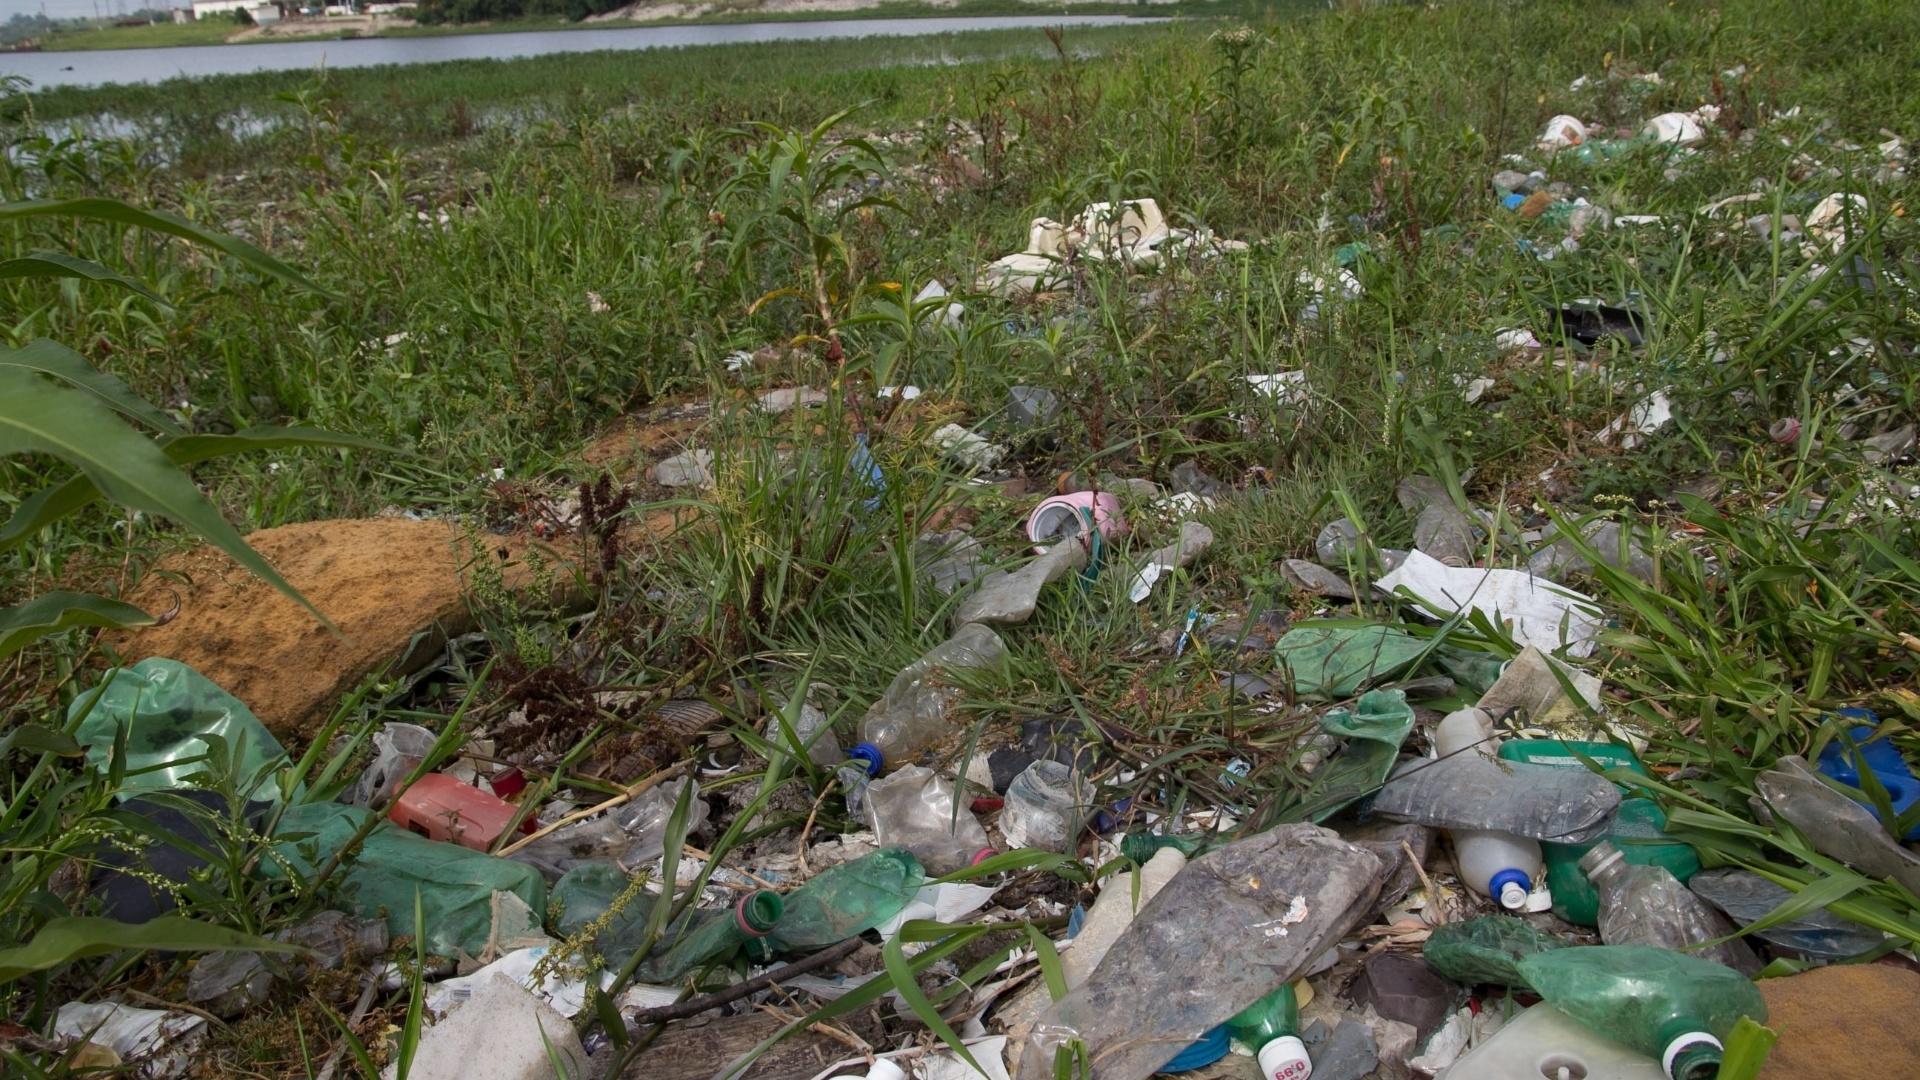 5.jan.2015 - Após as fortes chuvas que atingiram São Paulo no final de 2014, acúmulo de lixo e poluição ainda é visto nas margens da represa Billings nesta segunda-feira (5) na zona sul da capital paulista.